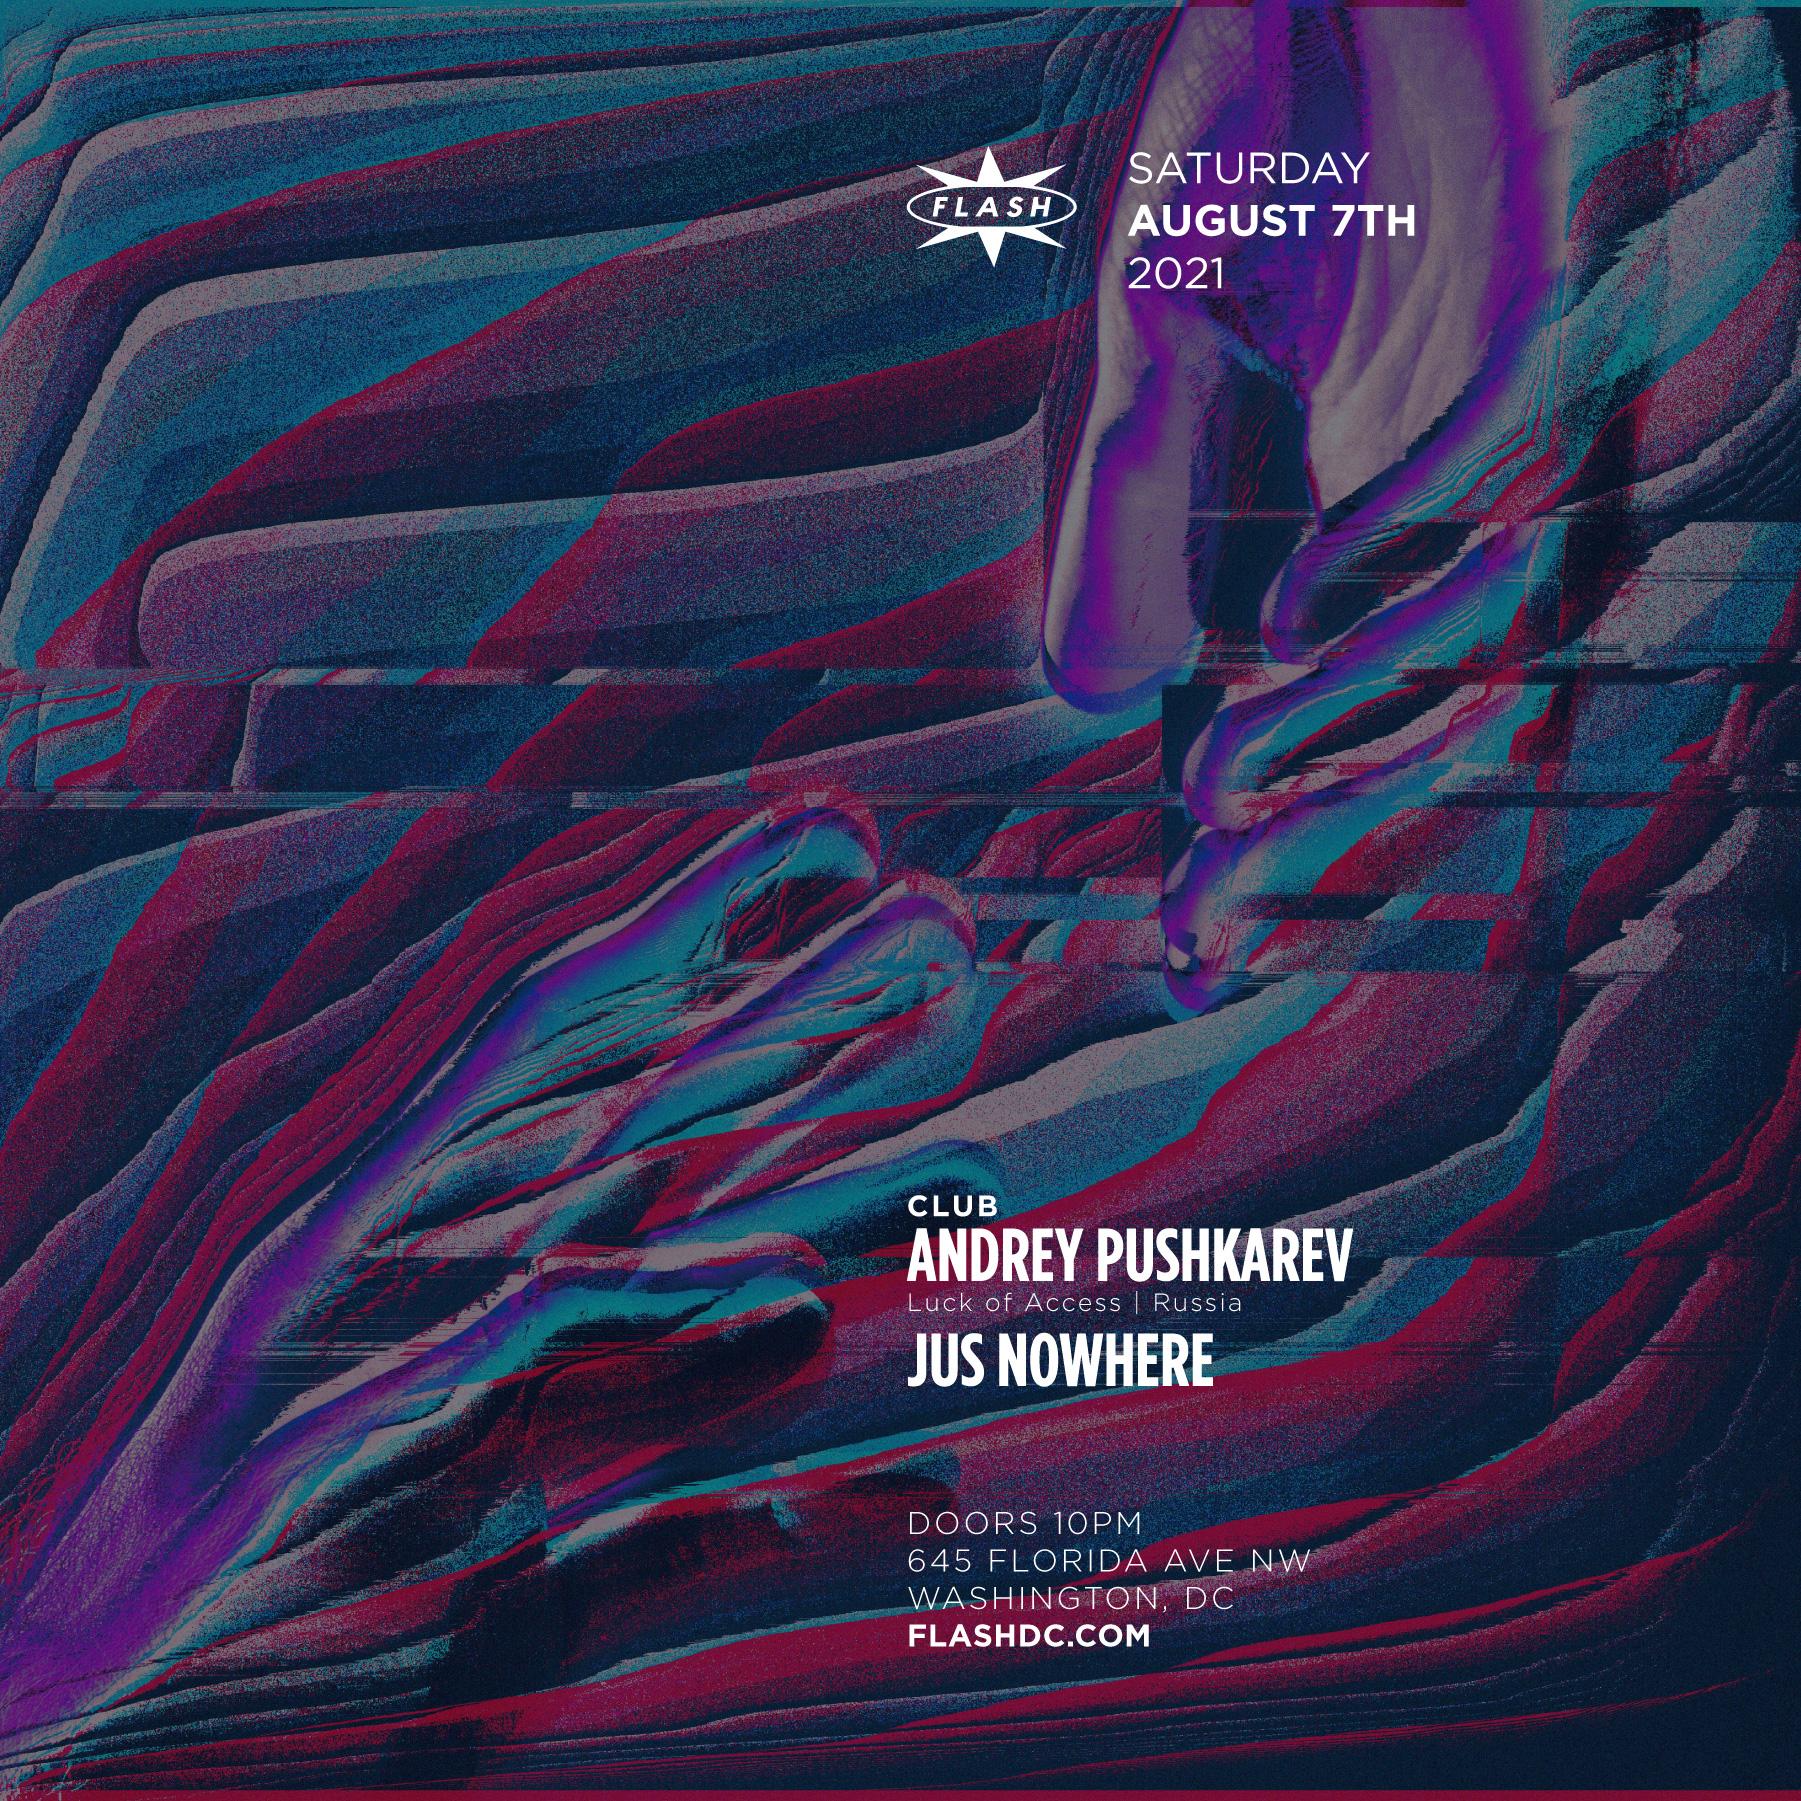 Andrey Pushkarev event thumbnail